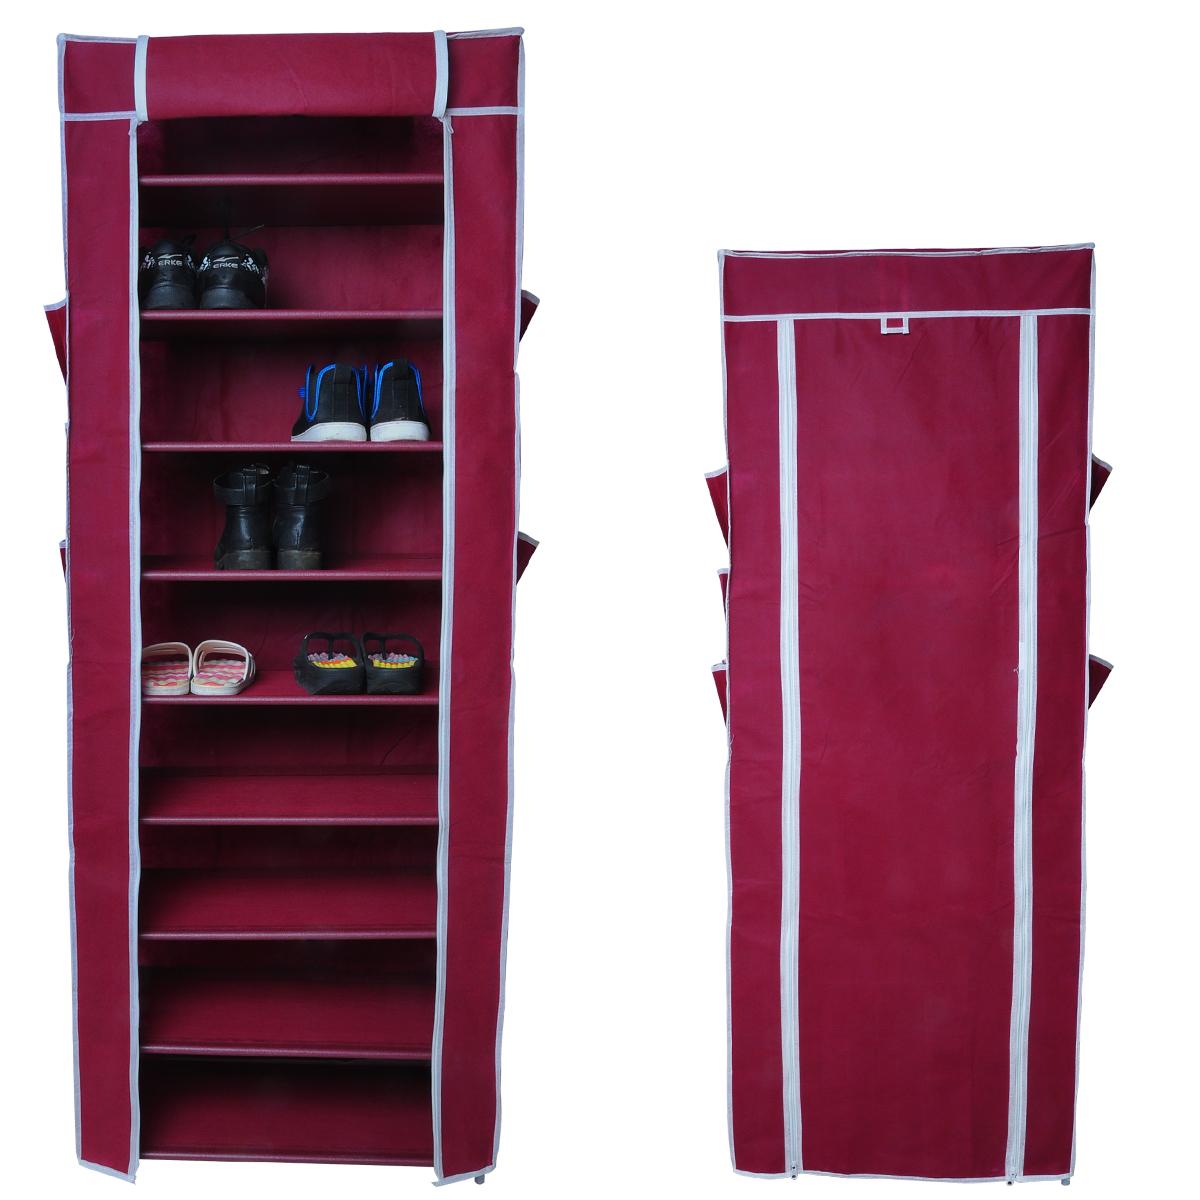 schuhschrank faltschrank 10 schicht textilschrank schuhst nder stoff regal 68 ebay. Black Bedroom Furniture Sets. Home Design Ideas